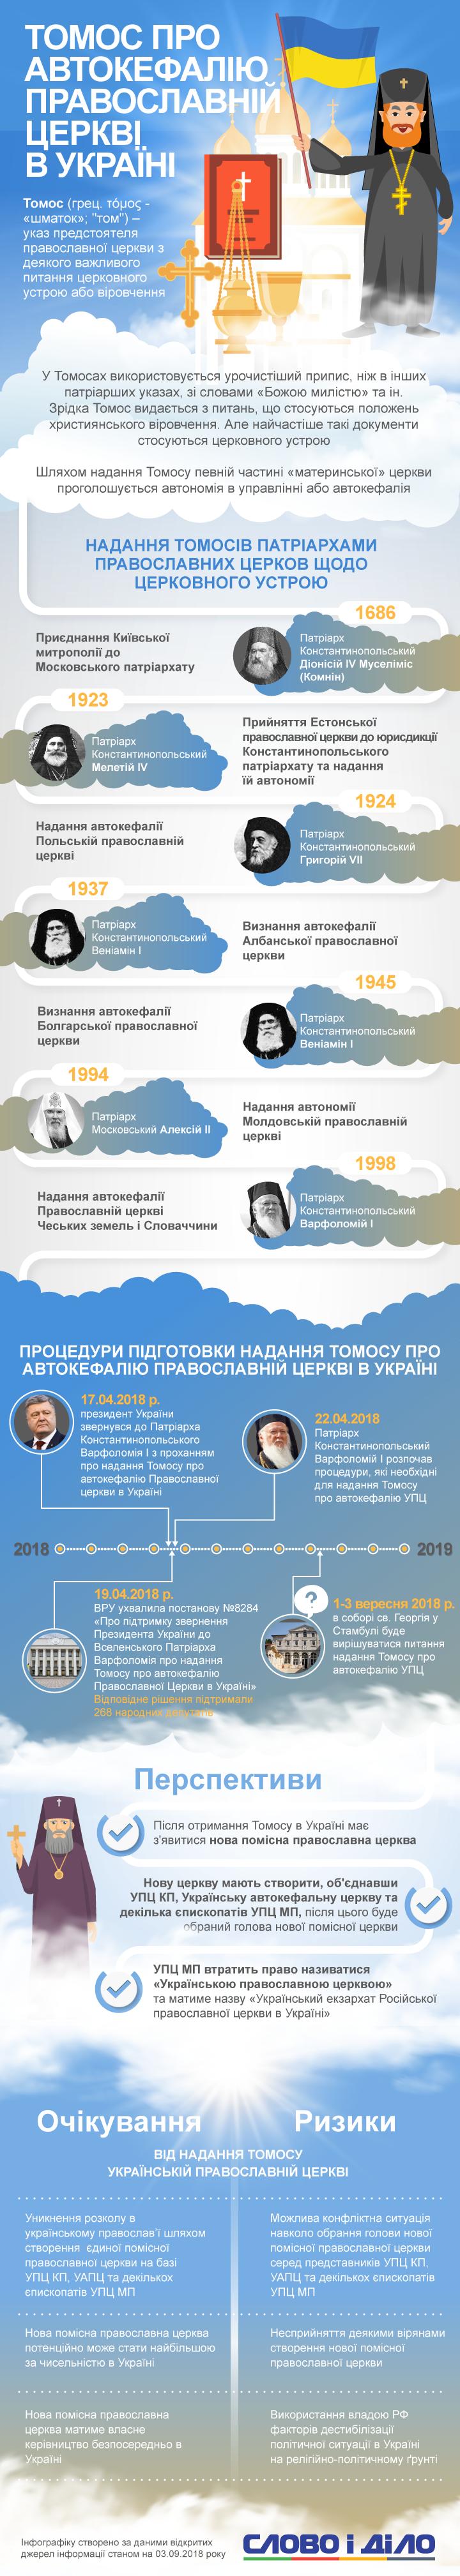 Томос про автокефалію багато церков Східної Європи намагалися отримати протягом десятиліть. Що чекає на Україну з появою єдиної помісної церкви?